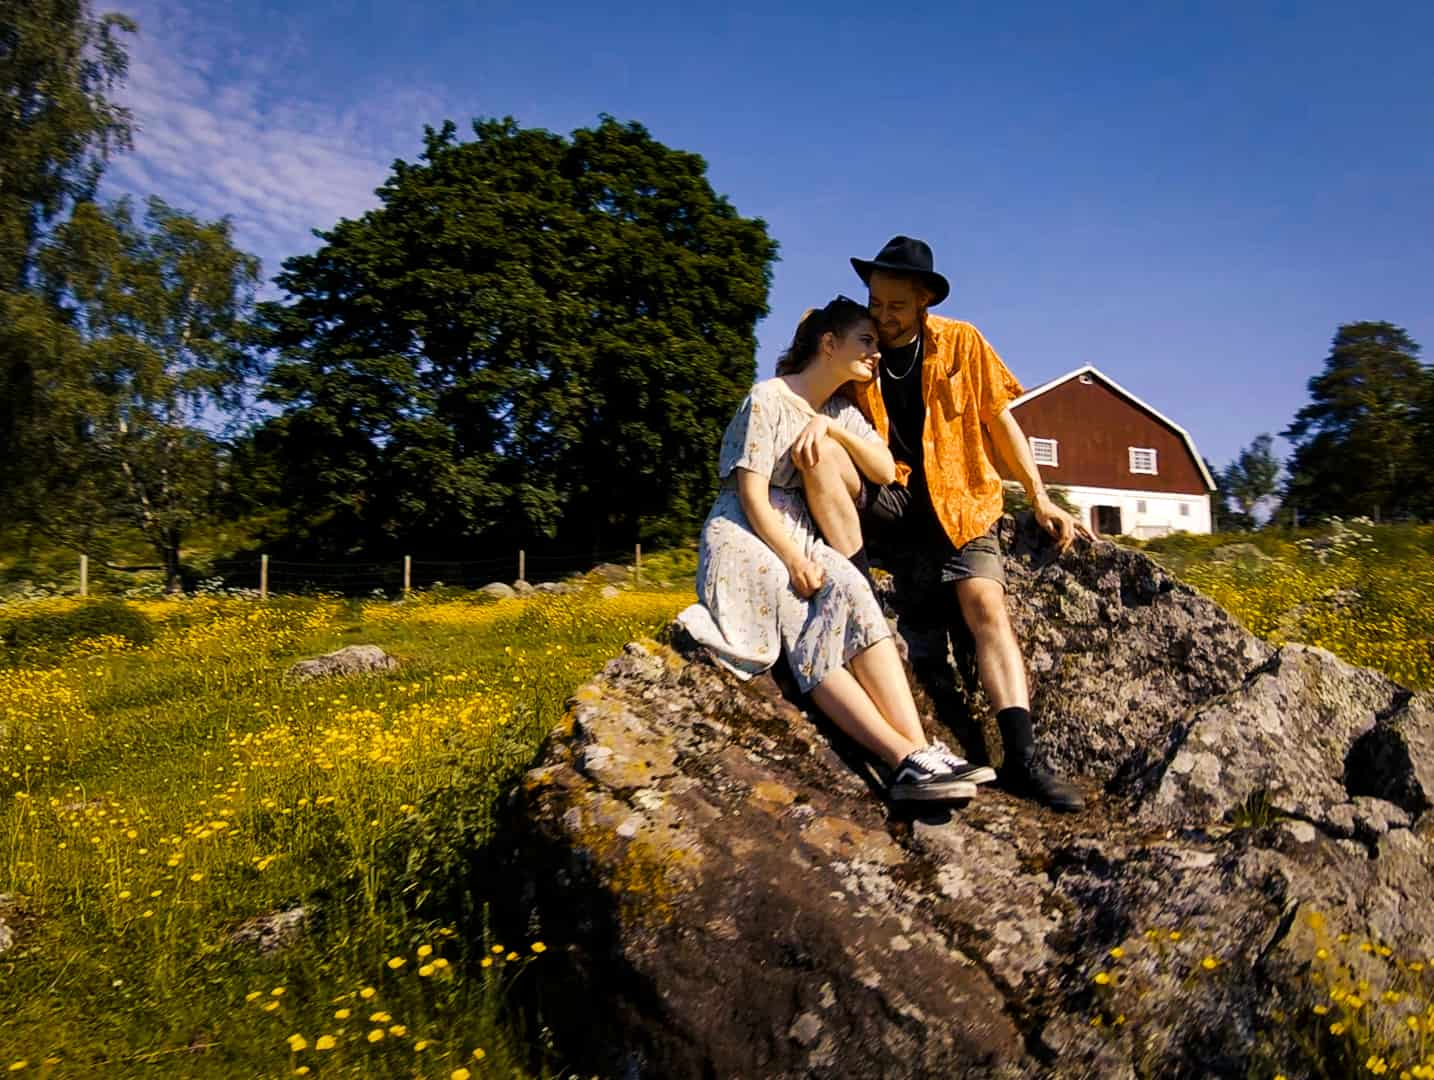 Nuori pariskunta istuu kivellä maalaismaisemassa